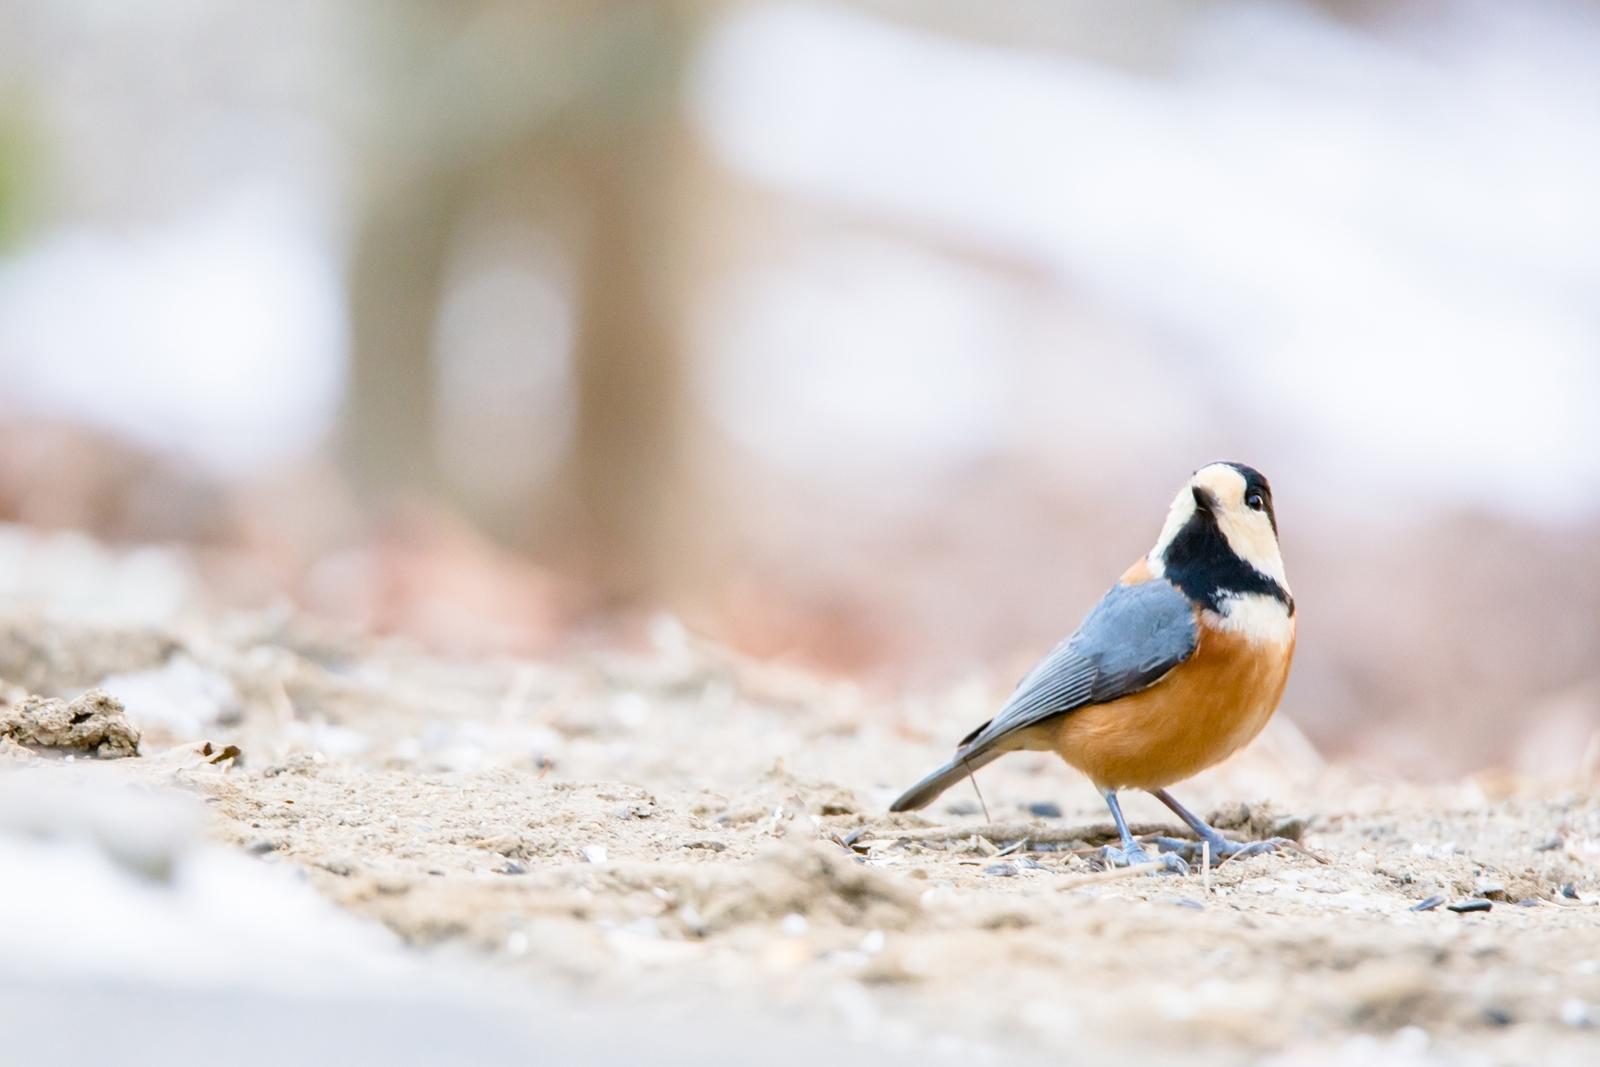 Photo: 過ぎていく静かな時 Passing silent season.  ひんやりとした空気 木々たちは眠っている 春が音を立て始める その時まで 静かに静かに過ぎて行く  Photo of Varied tit. (ヤマガラ) #cooljapan #365cooljapanmay  #birdphotography #birds #kawaii  #sigma  Nikon D7100 SIGMA 150-600mm F5-6.3 DG OS HSM Sports [ Day262, January 29th ] (2枚追加:Added 2 photo) 2枚目は表情がキリッとたまらなかったので 普段はあまりしないけどトリミングしてます♪  小鳥の詩朗読 http://youtu.be/7YGRPklxBfs?list=PL2YtHGm0-R3qVsaqvQe9OYdJFCkI98wzF